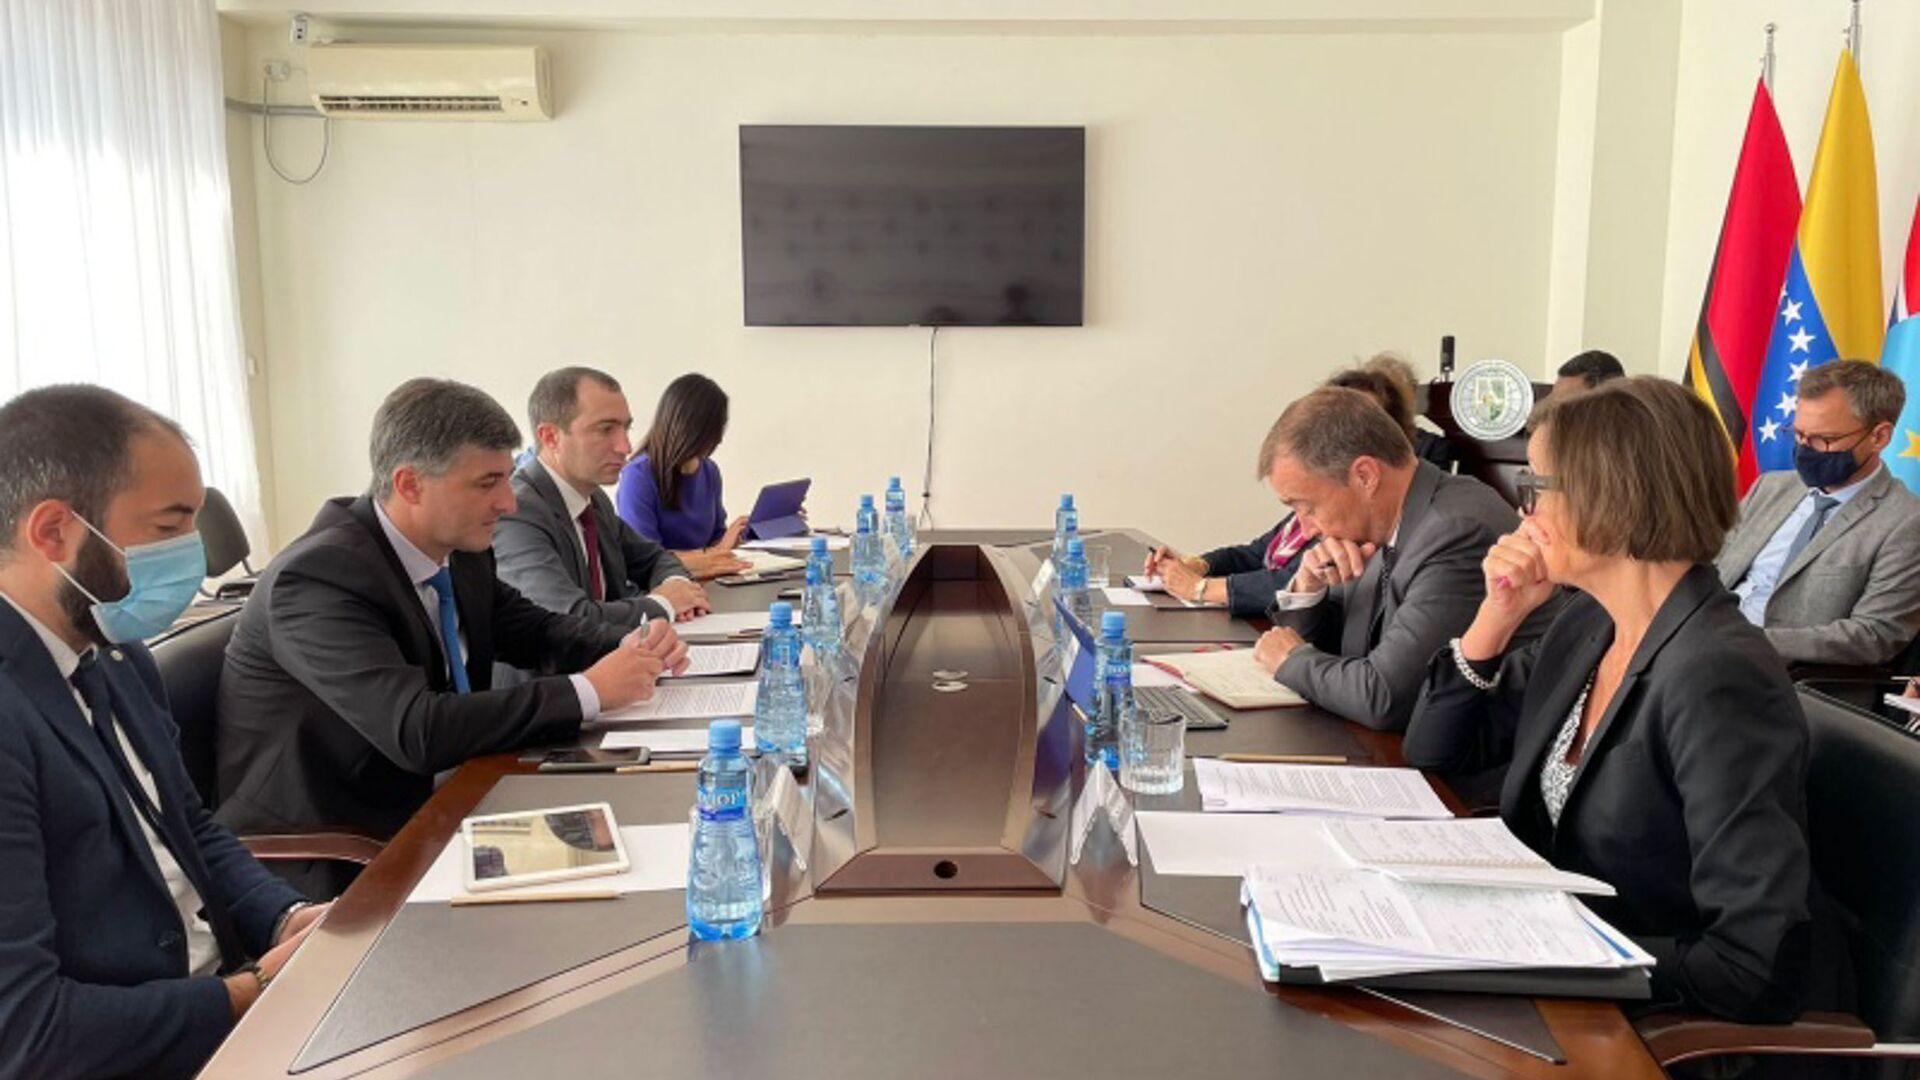 МИД Абхазии состоялась встреча заместителя министра иностранных дел Ираклия Тужба с сопредседателями Женевских дискуссий - Sputnik Абхазия, 1920, 21.09.2021